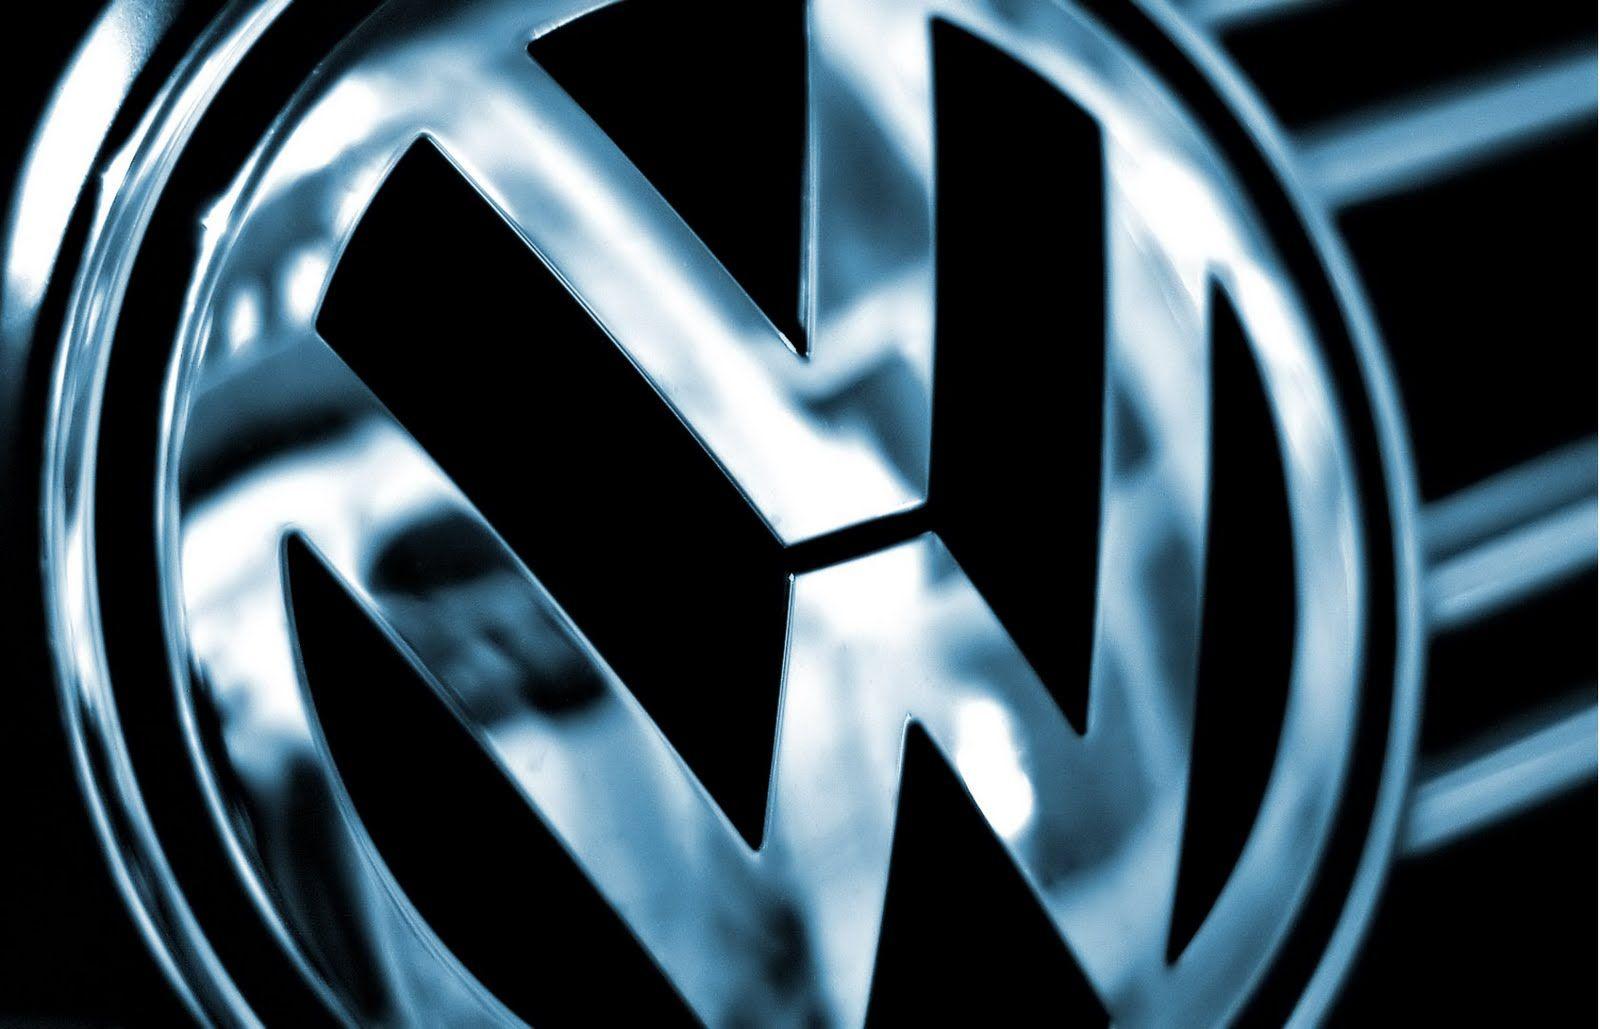 Vw Das Auto Volkswagen Logo Image Volkswagen Car Company Symbol